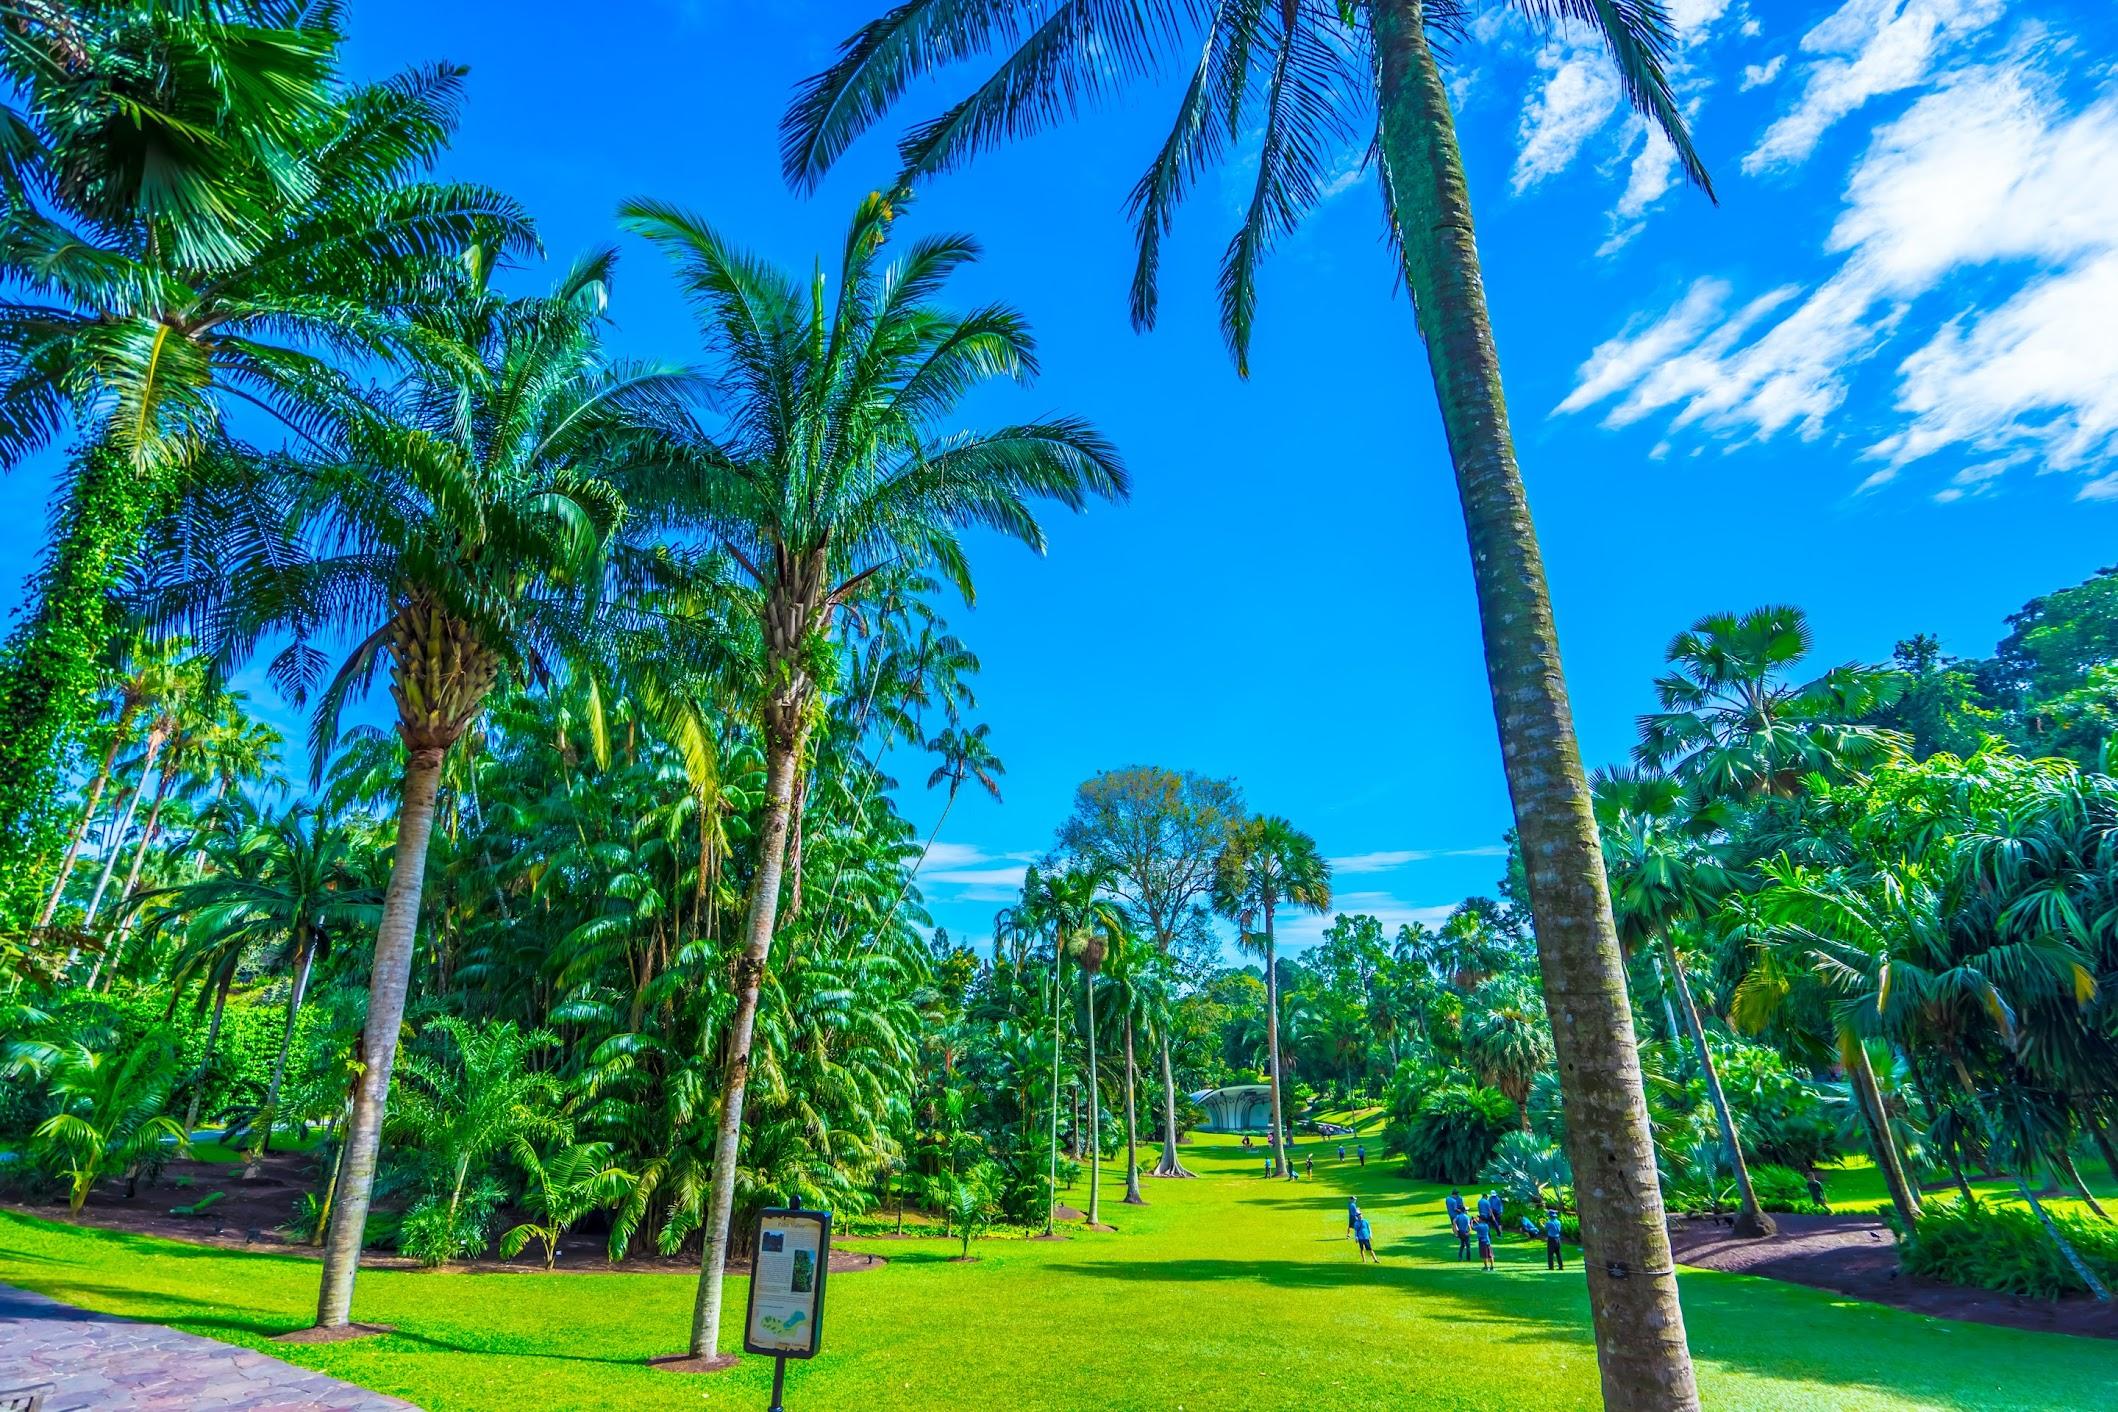 シンガポール植物園(ボタニック・ガーデン) パーム・バレー1